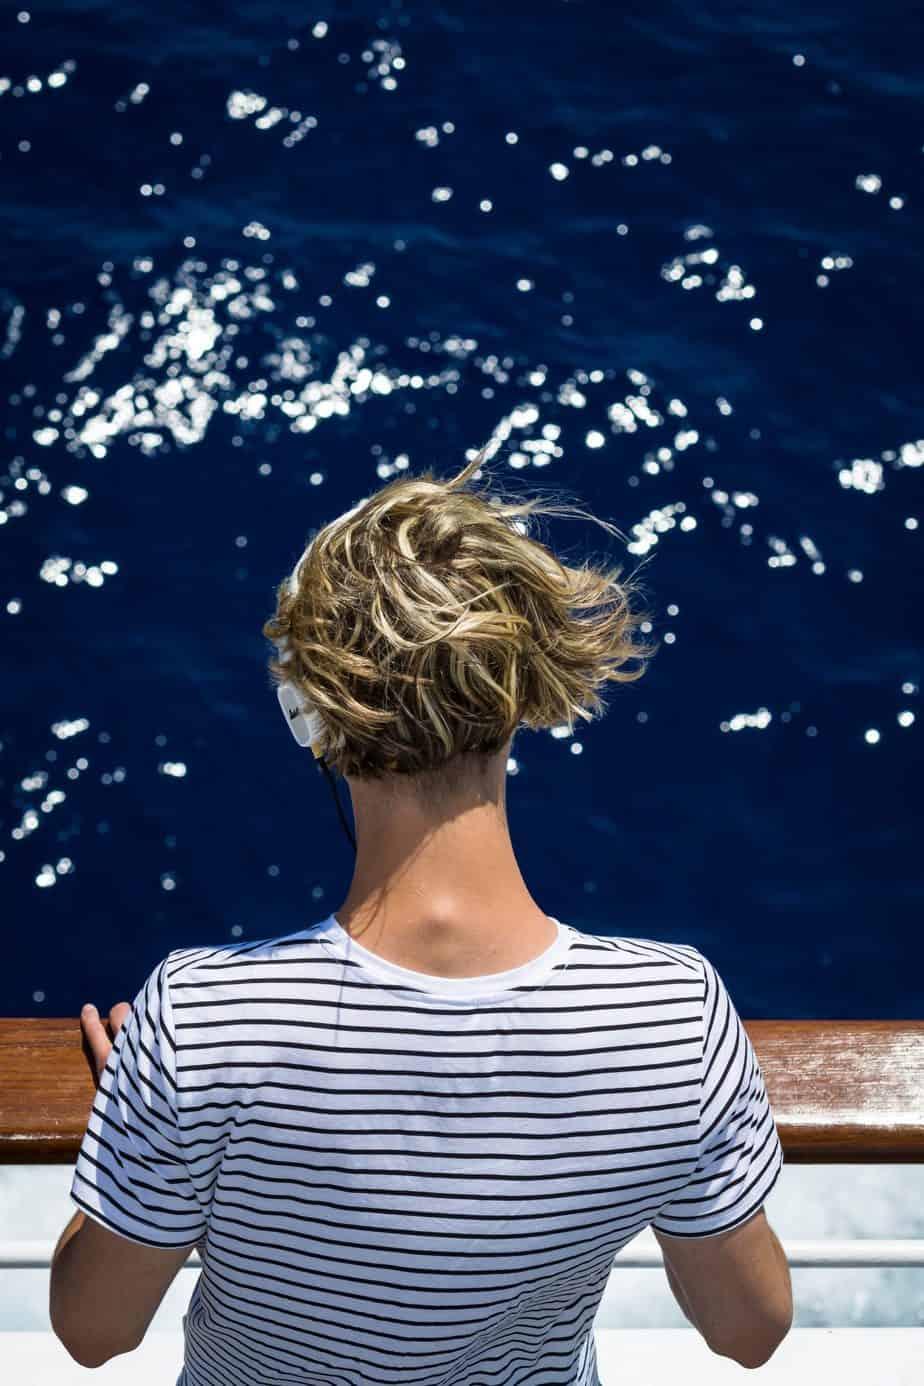 Best Cruises in the Mediterranean